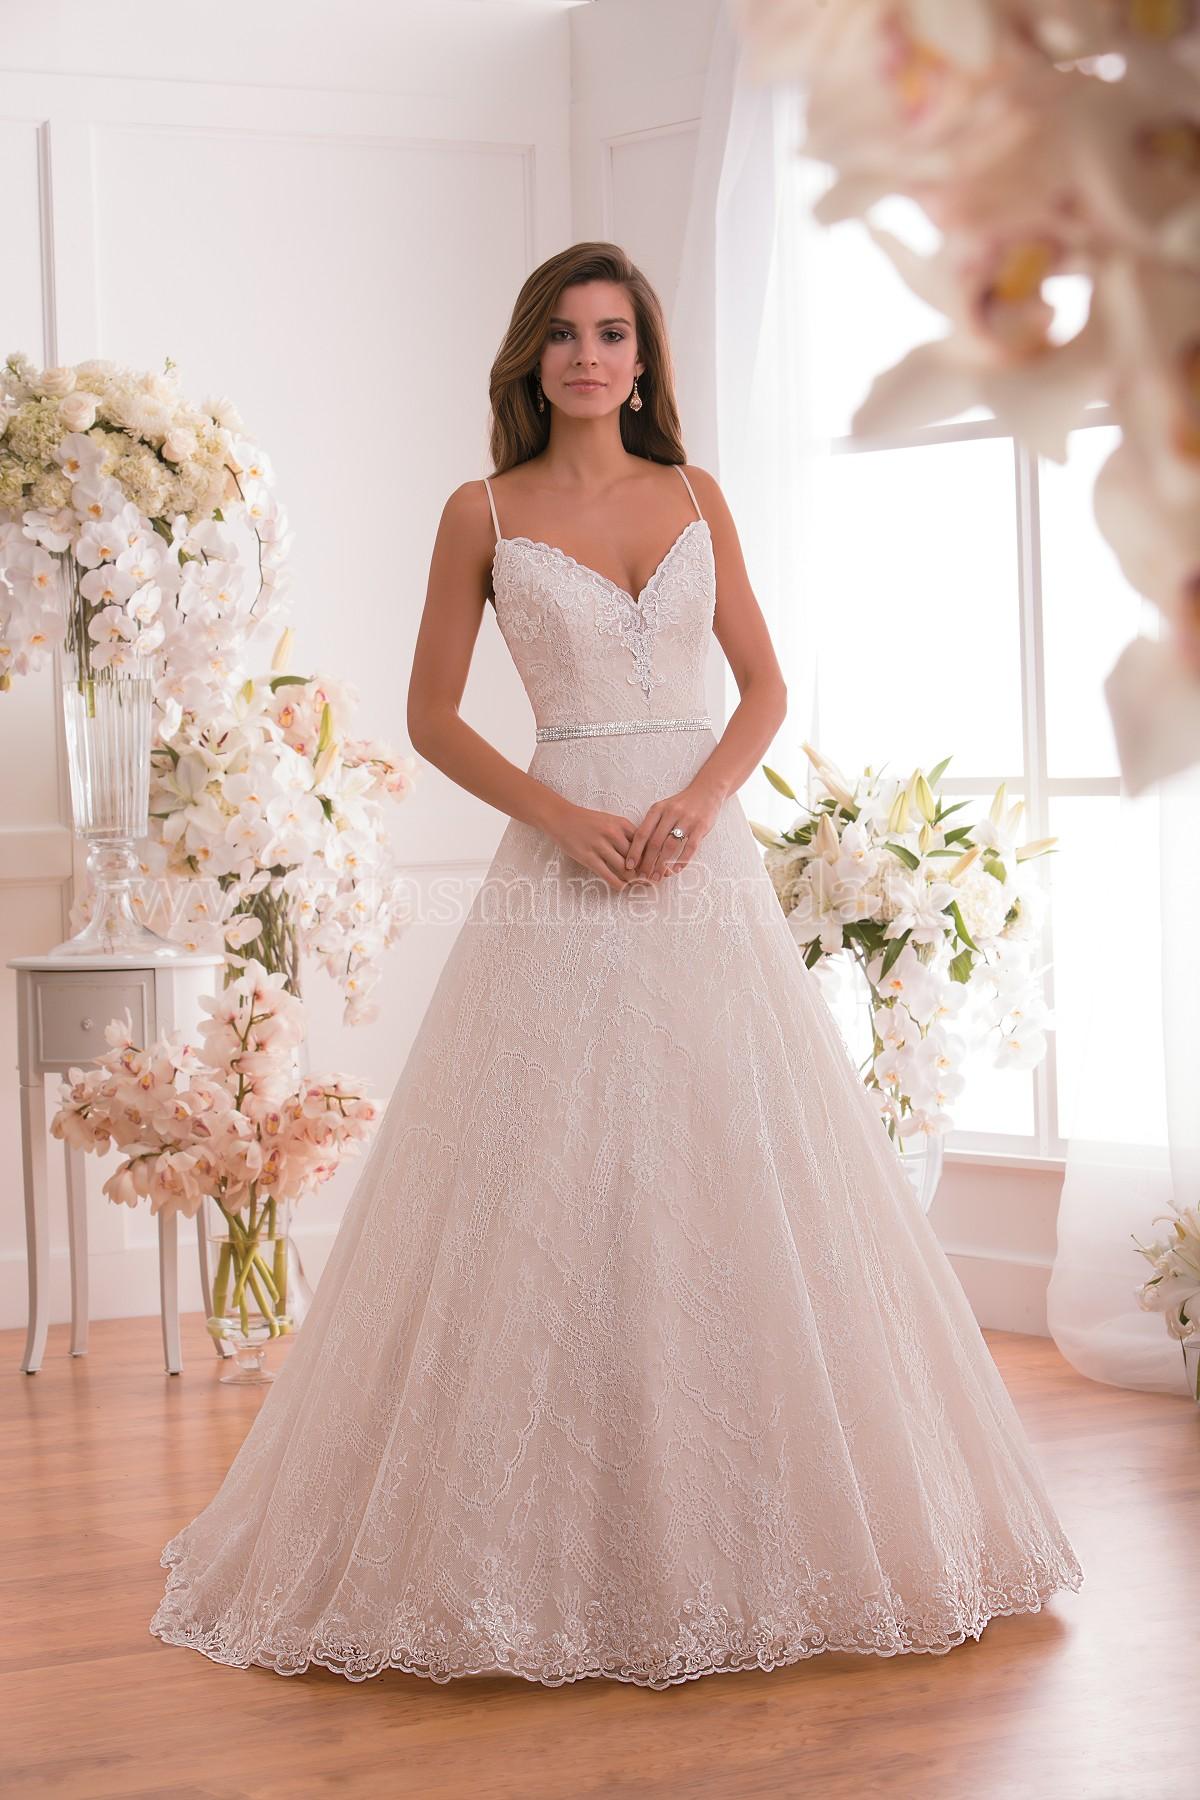 8a6ebae20a F171012 V-neck Lace   Organza Ball Gown Wedding Dress